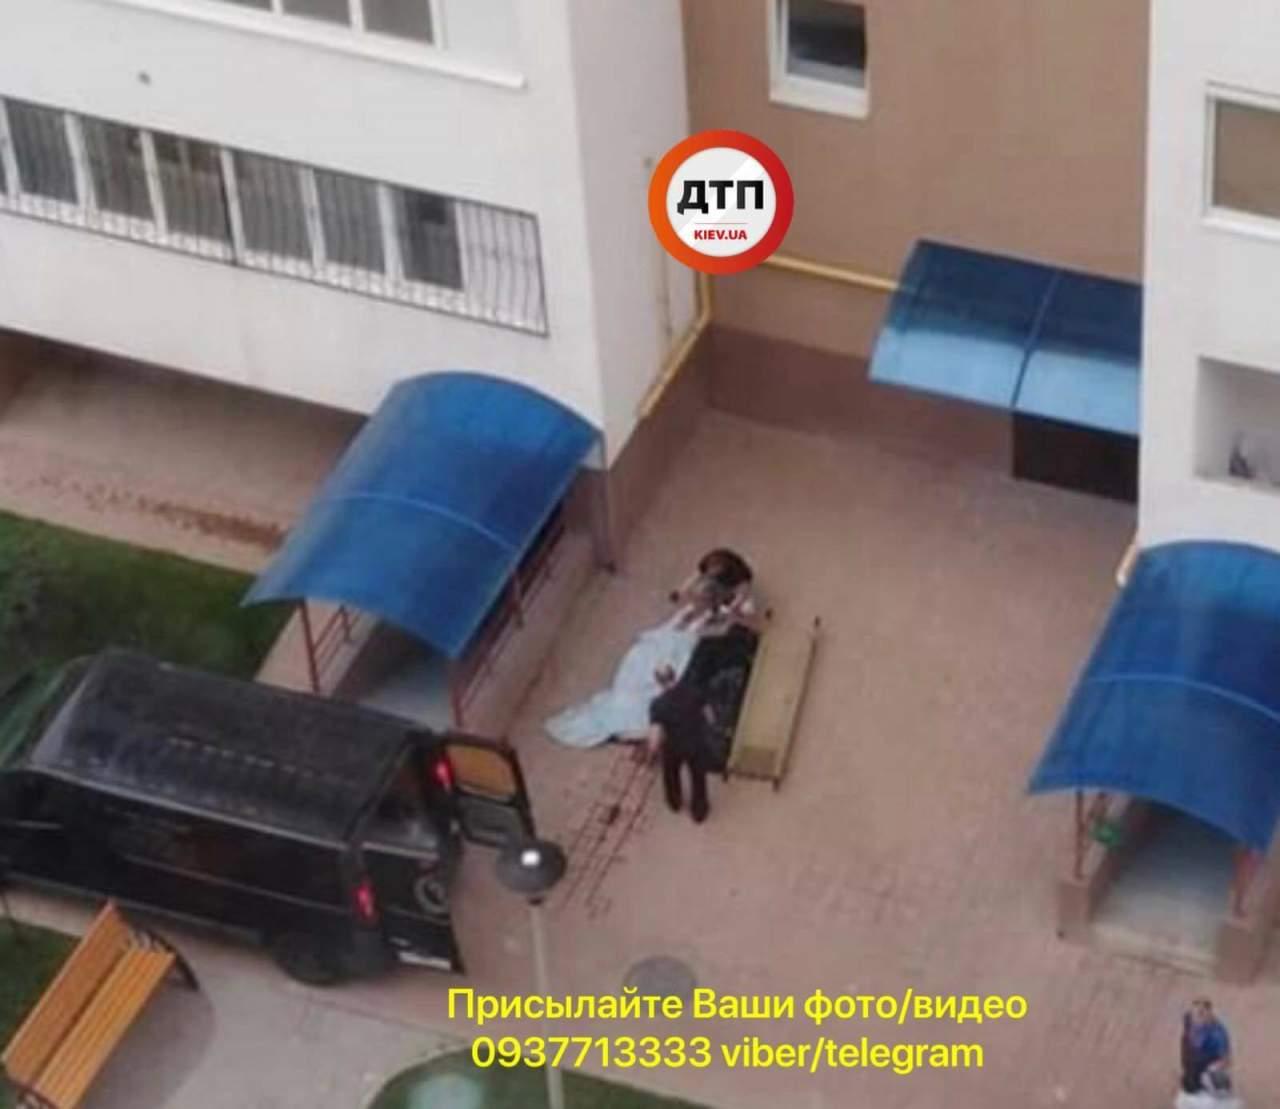 Под Киевом девушка разбилась насмерть, выпав из окна (фото)